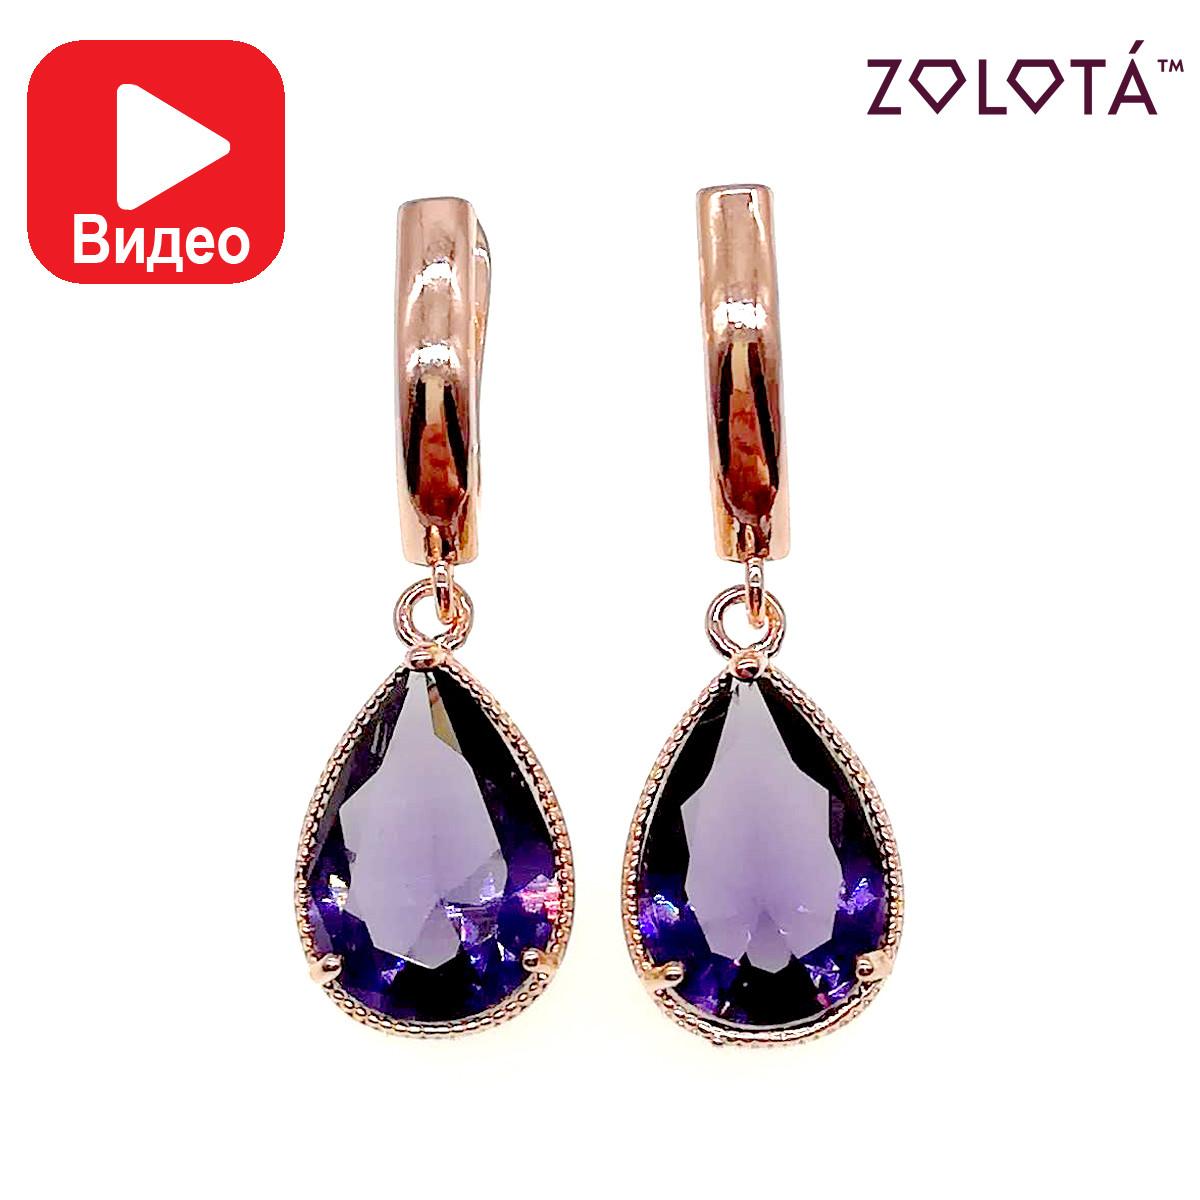 Сережки Zolota з фіолетовими фіанітами (куб. цирконієм), з медичного золота, в позолоті, ЗЛ00392 (1)